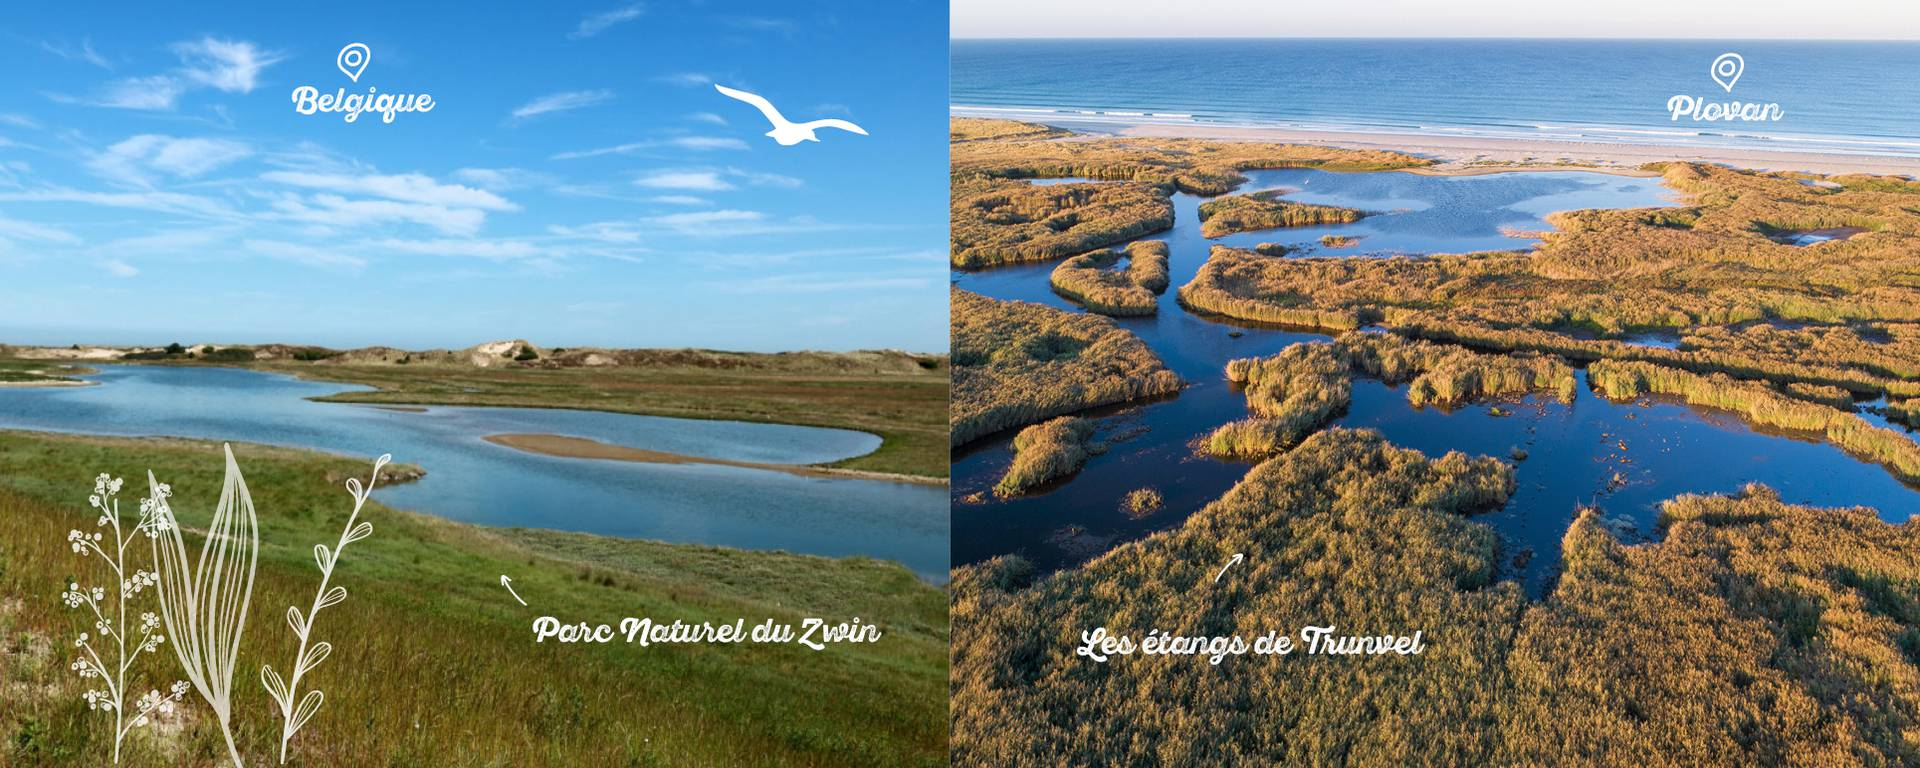 Entre le parc naturel du Zwin en Belgique et les étangs de Trunvel, la ressemblance est troublante, surtout vu du ciel. © GWENn A DRONE